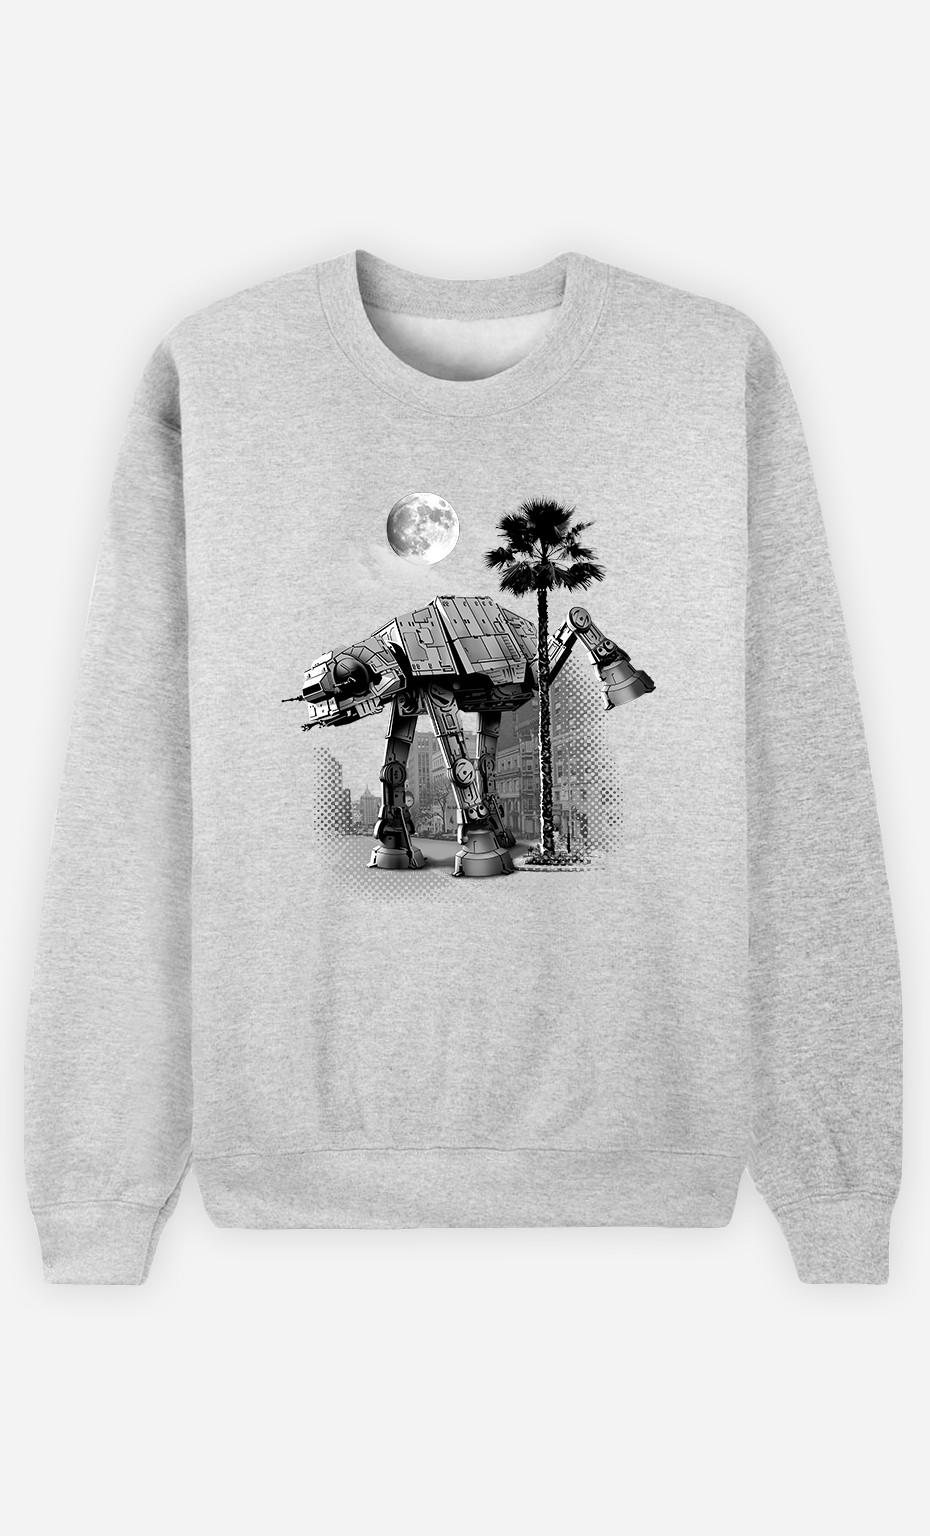 Sweatshirt Ata Pee Time